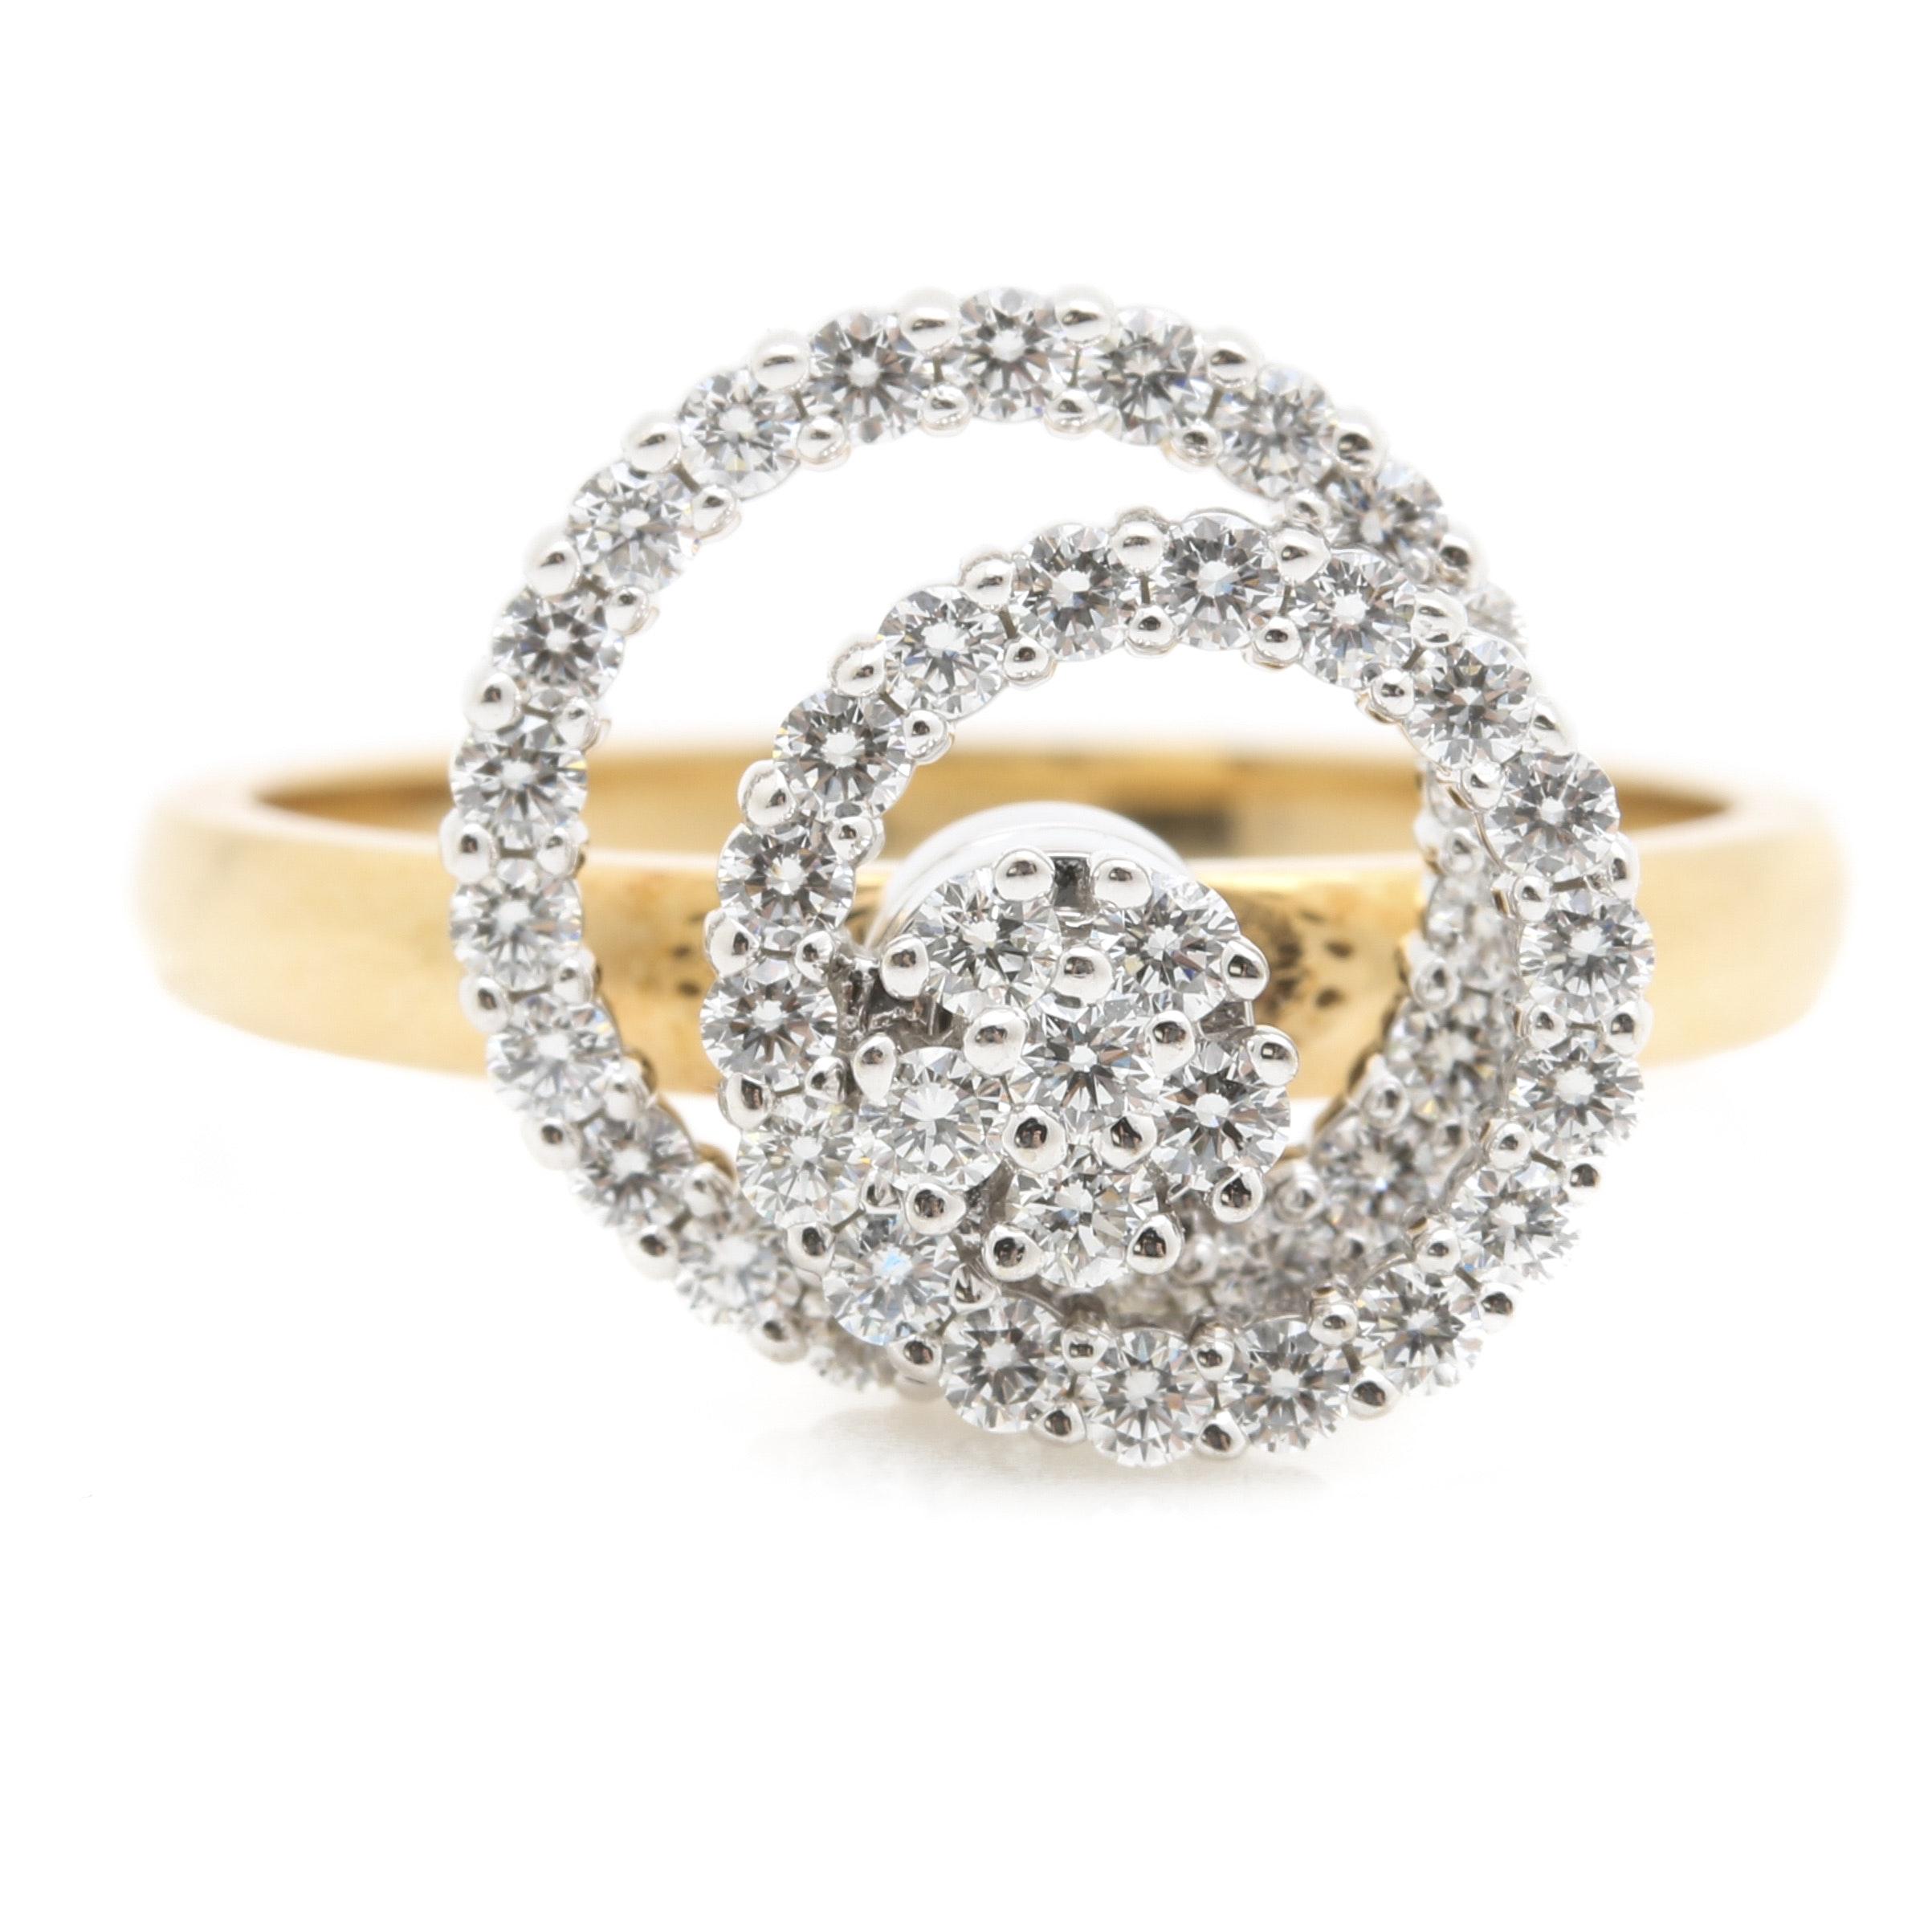 Swinger white gold ring